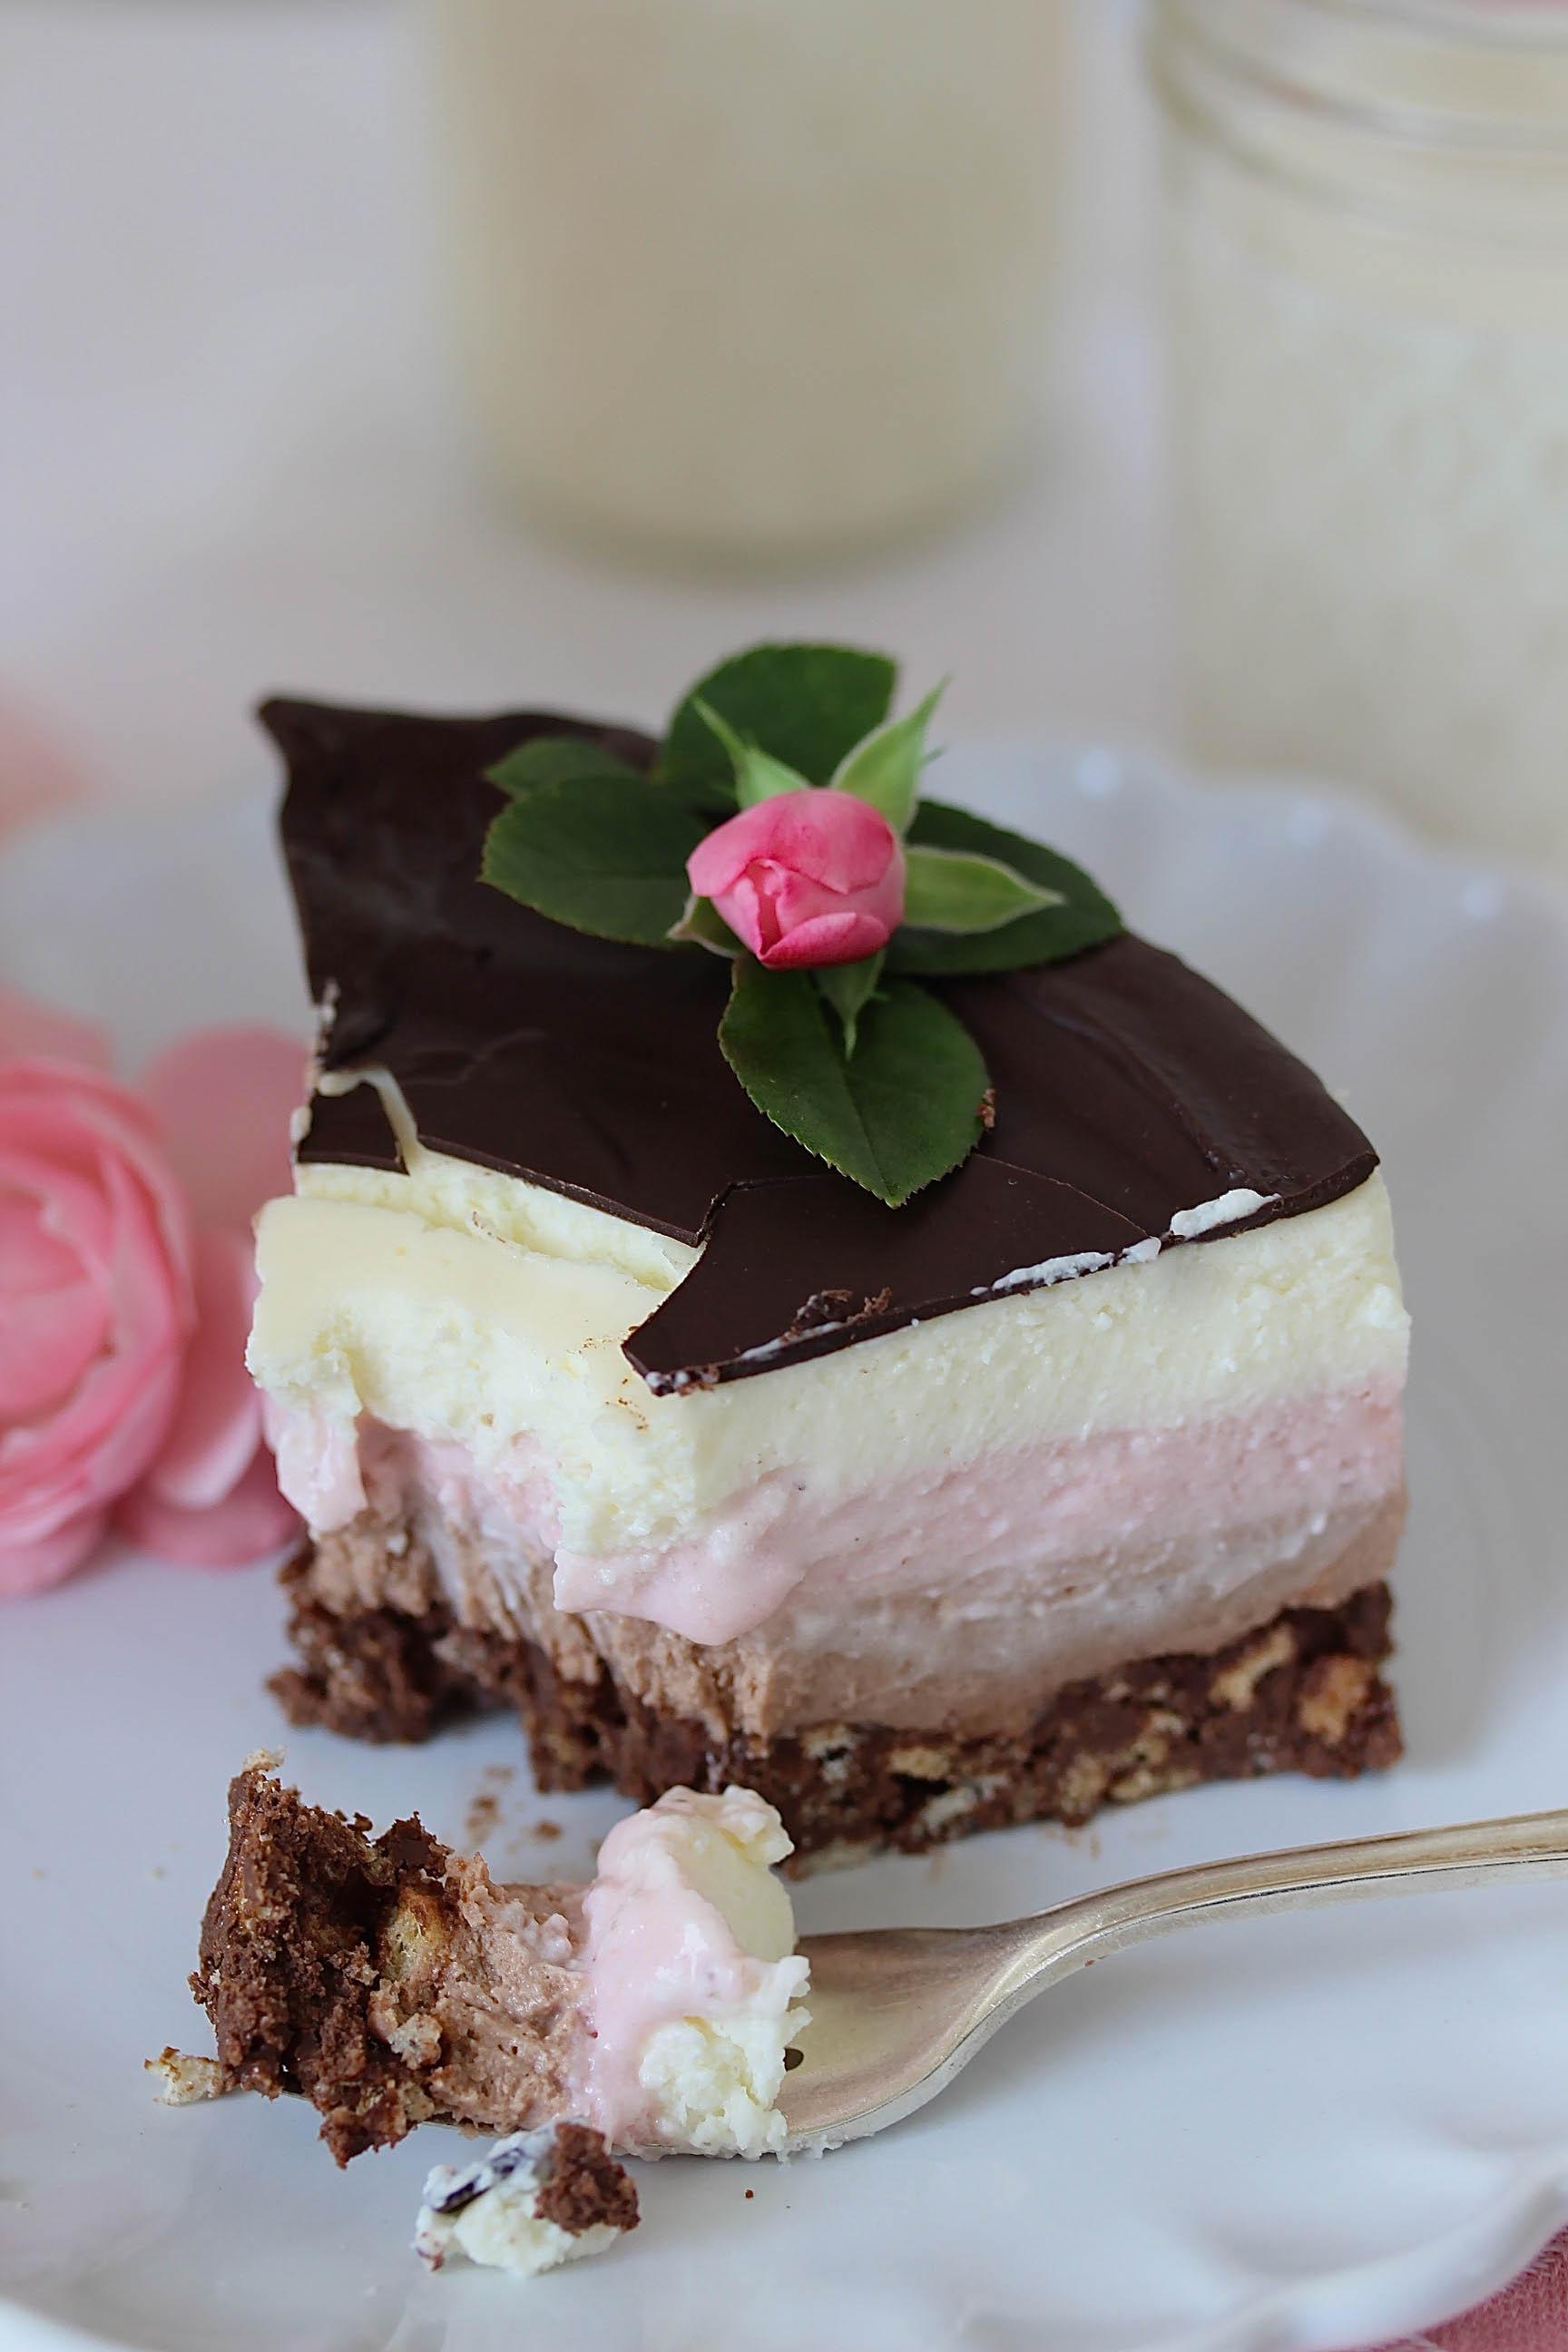 Rezept für ein Nutella Erdbeer Törtchen ohne backen mit Zwieback Drip Cake #dripcake #torte #erdbeeren #ombre #zwieback #nobake #ohnebacken | Emma´s Lieblingsstücke